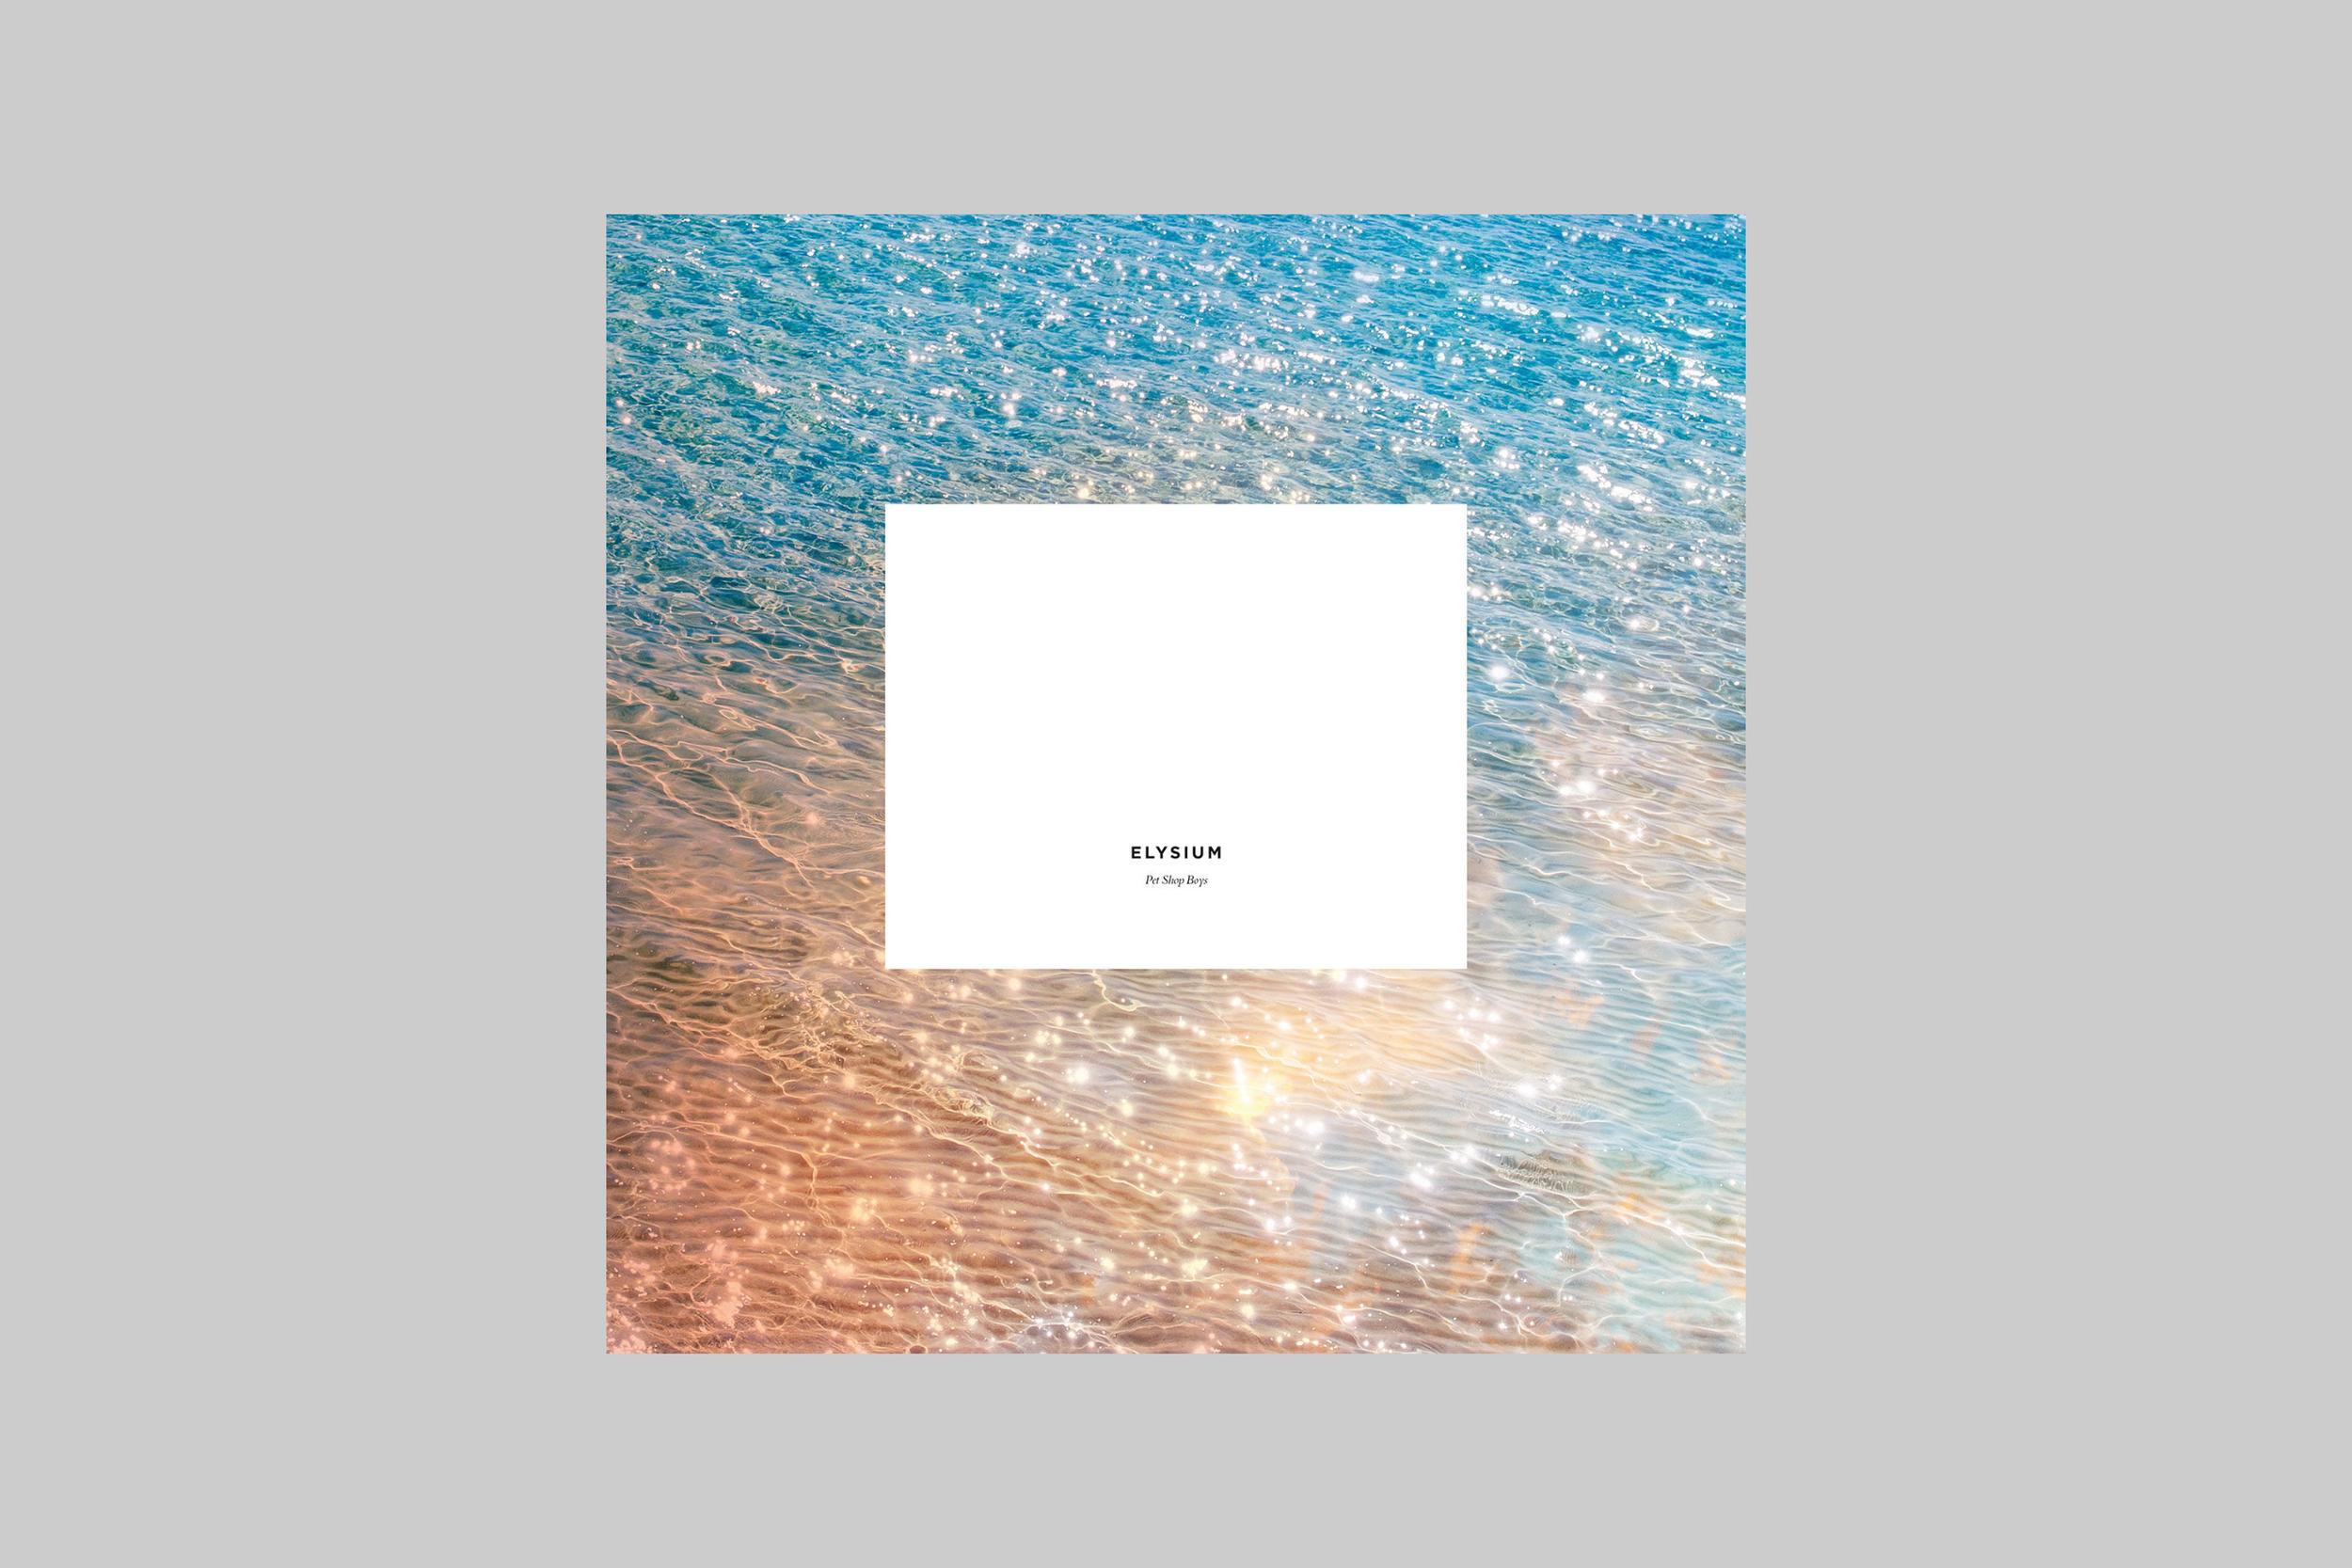 Elysium  - 2012 - Design by Farrow